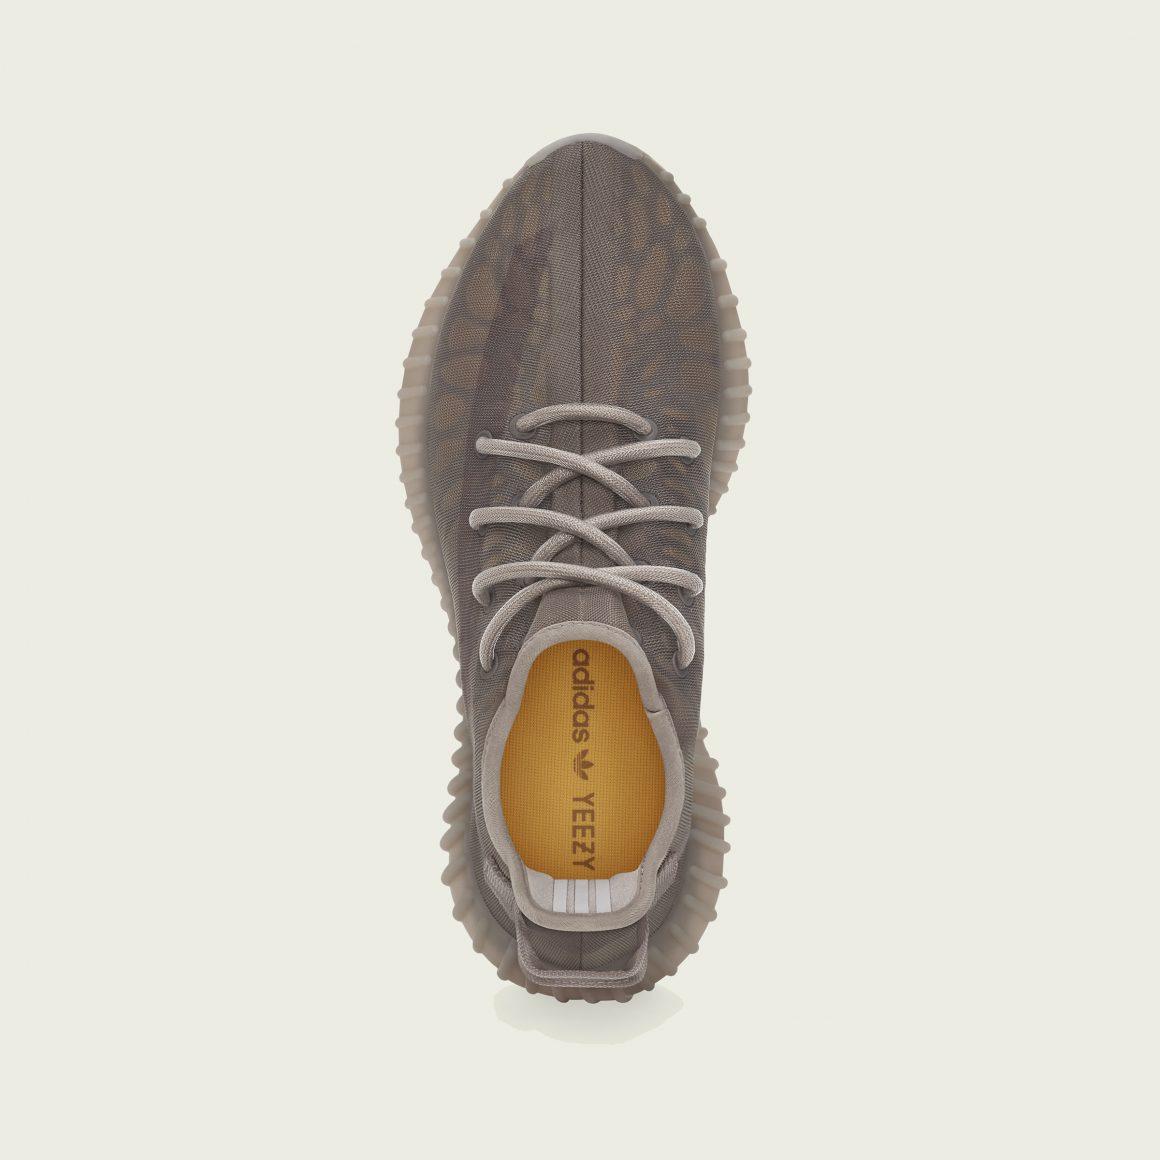 adidas Yeezy Boost 350 V2 ''Mono Mist'' - GW2871